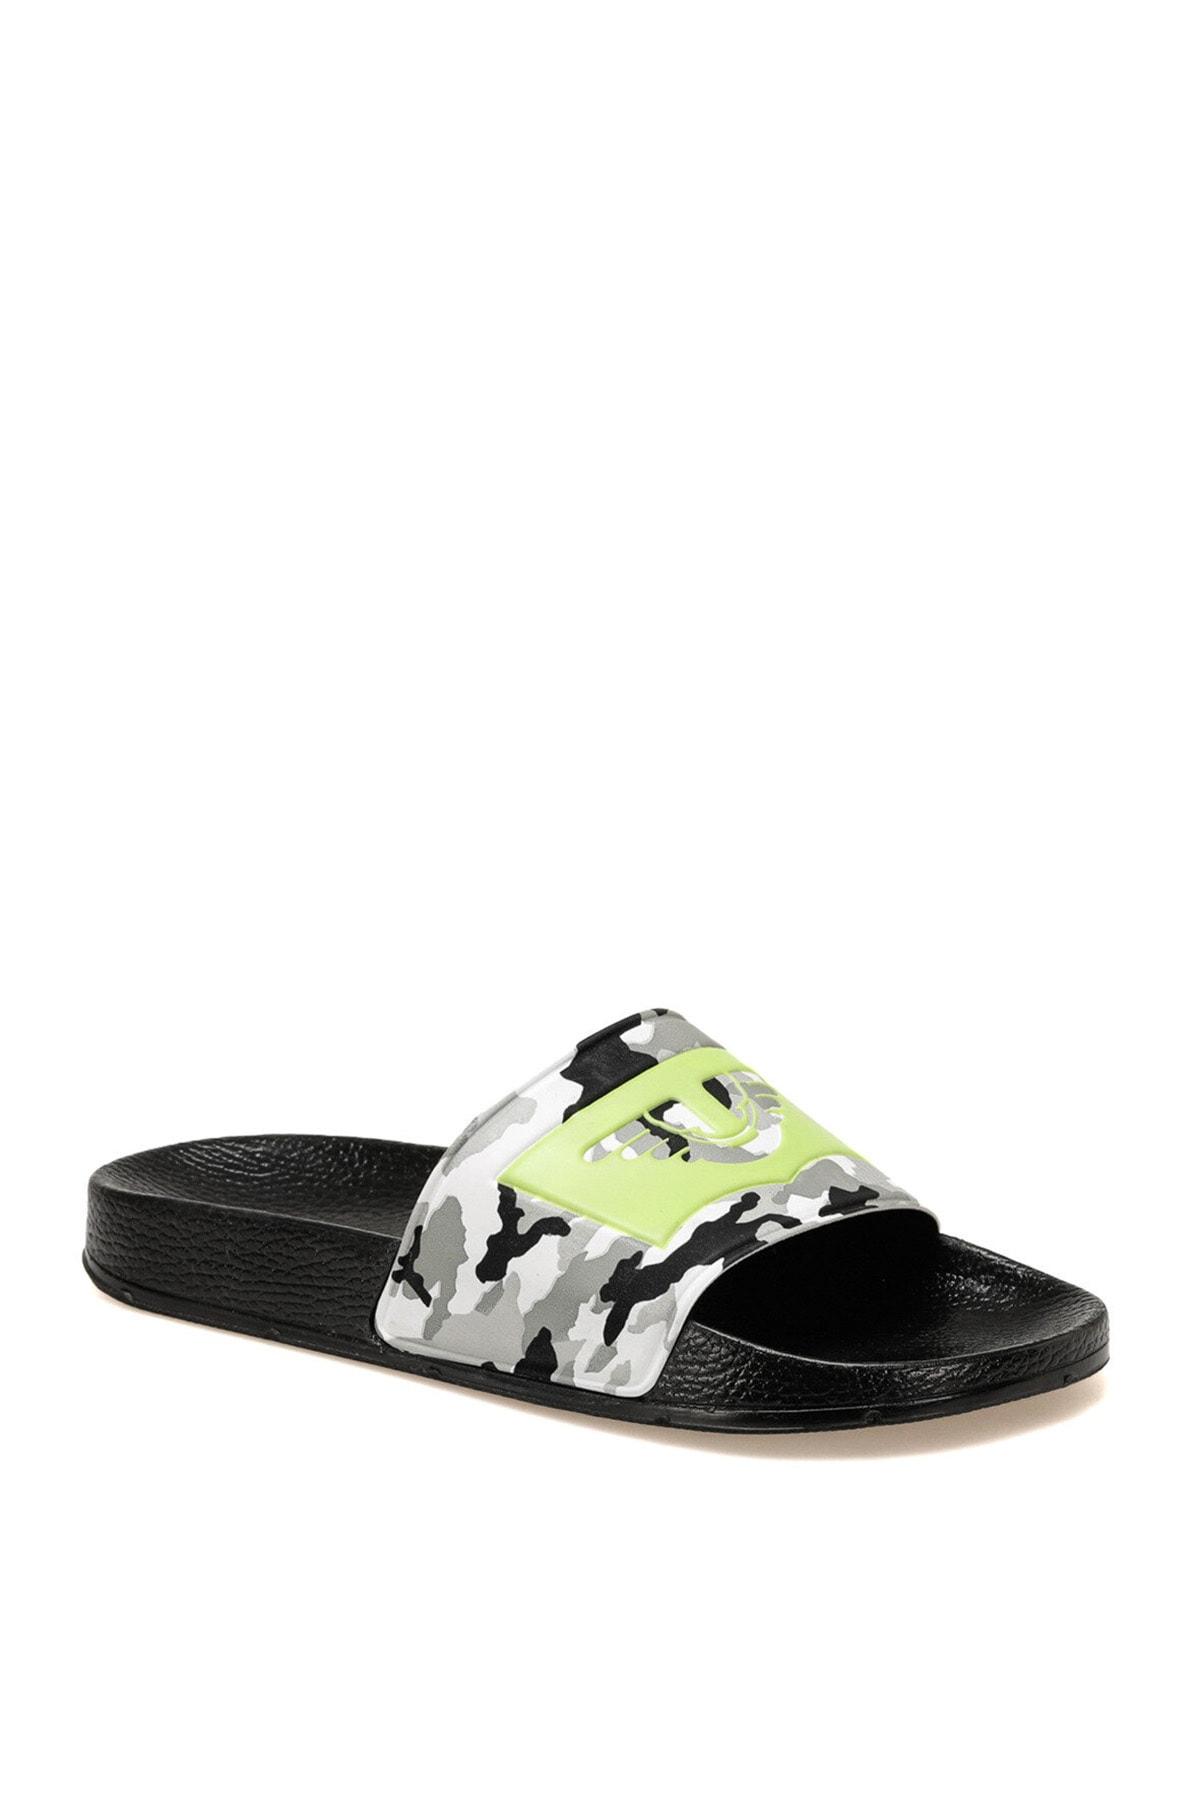 PANAMA CLUB LUIS Yeşil Erkek Çocuk Deniz Ayakkabısı